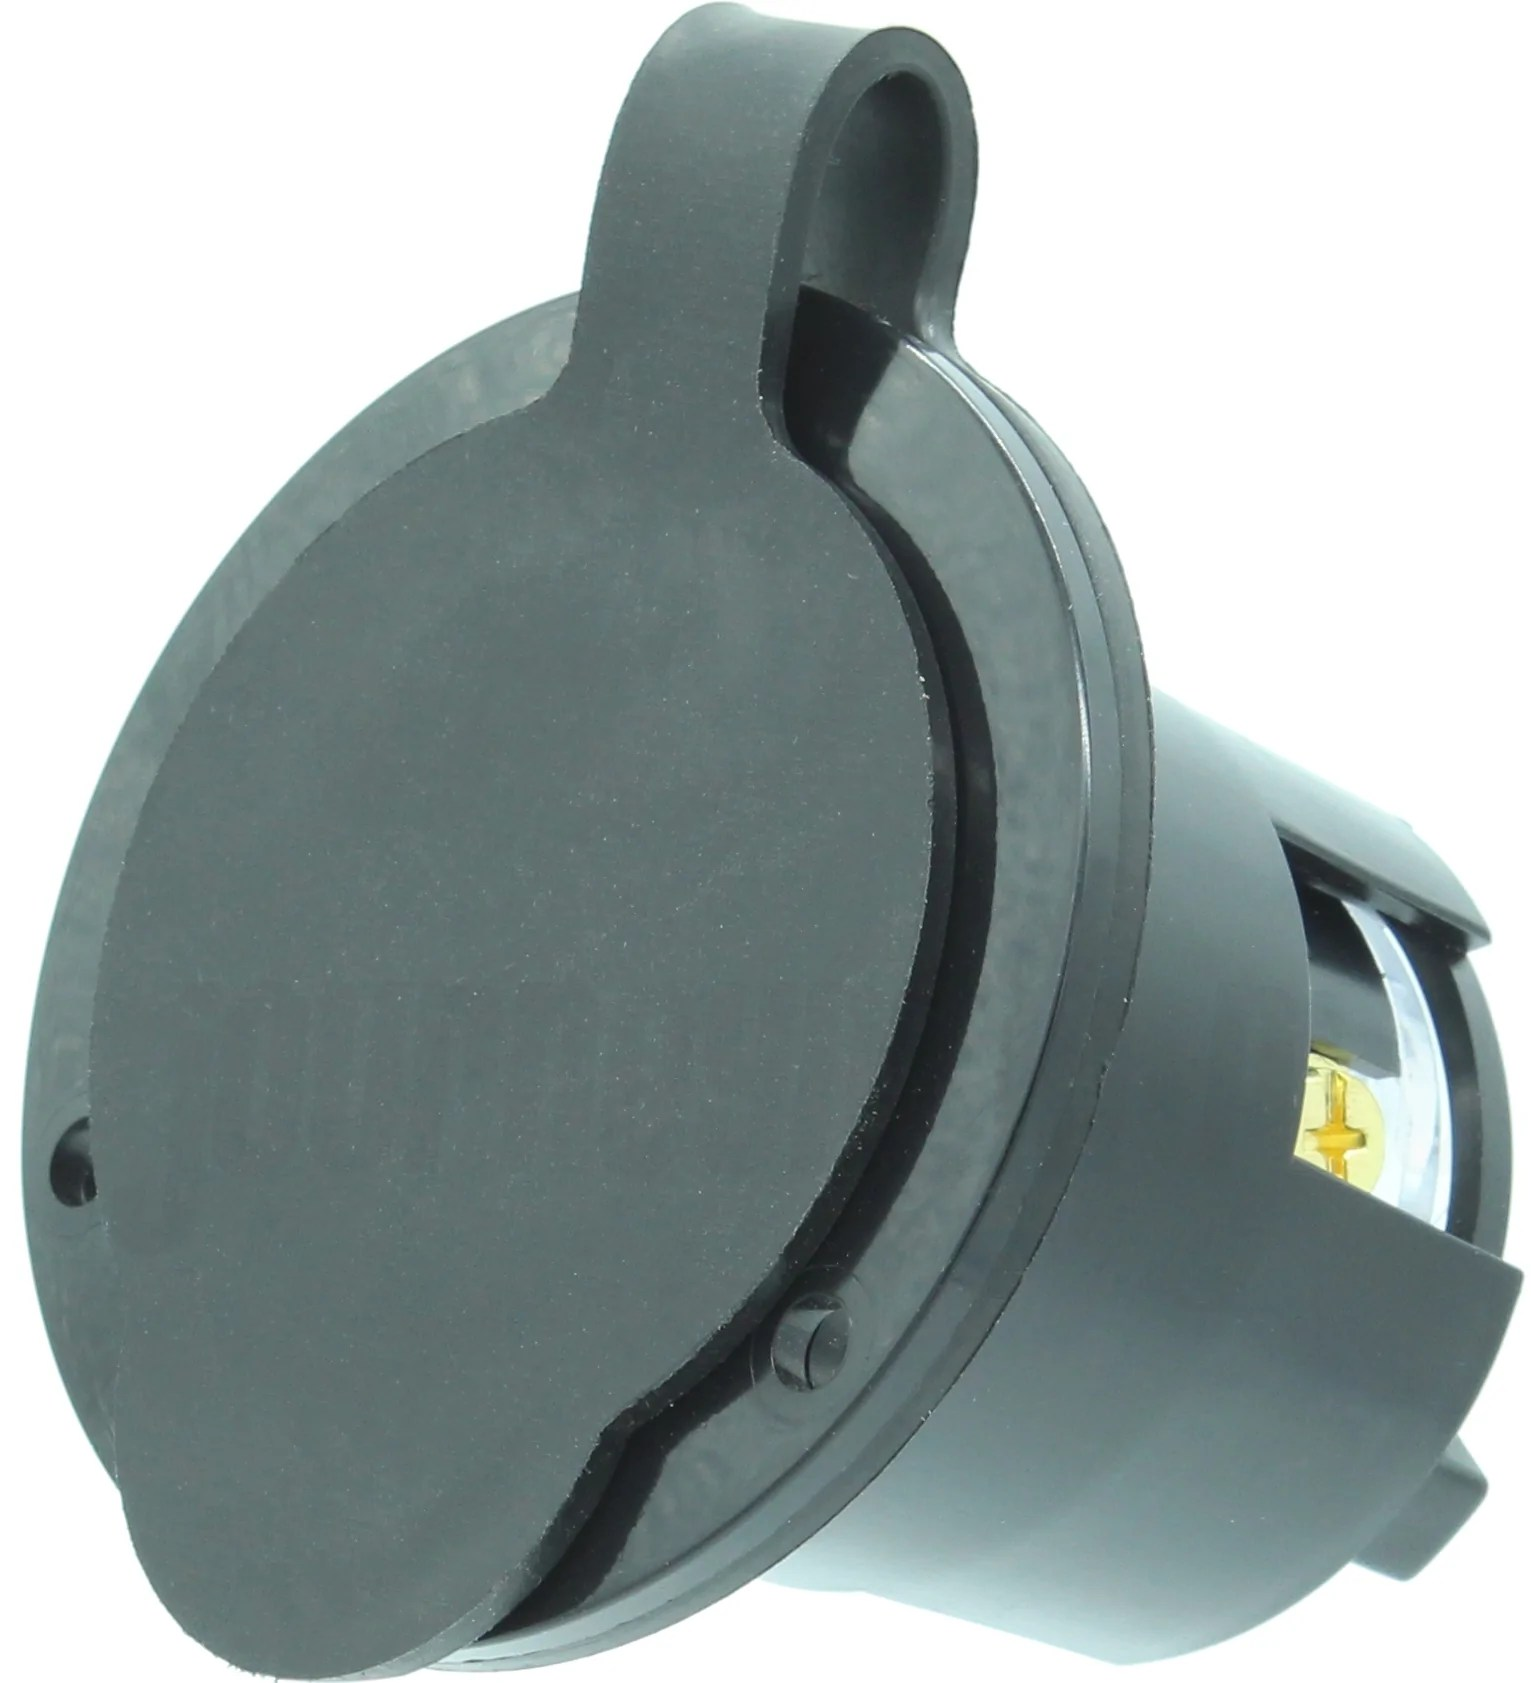 nema l14 30 flanged inlet plug 30a 250v locking receptacle socket black hjp  [ 1531 x 1683 Pixel ]